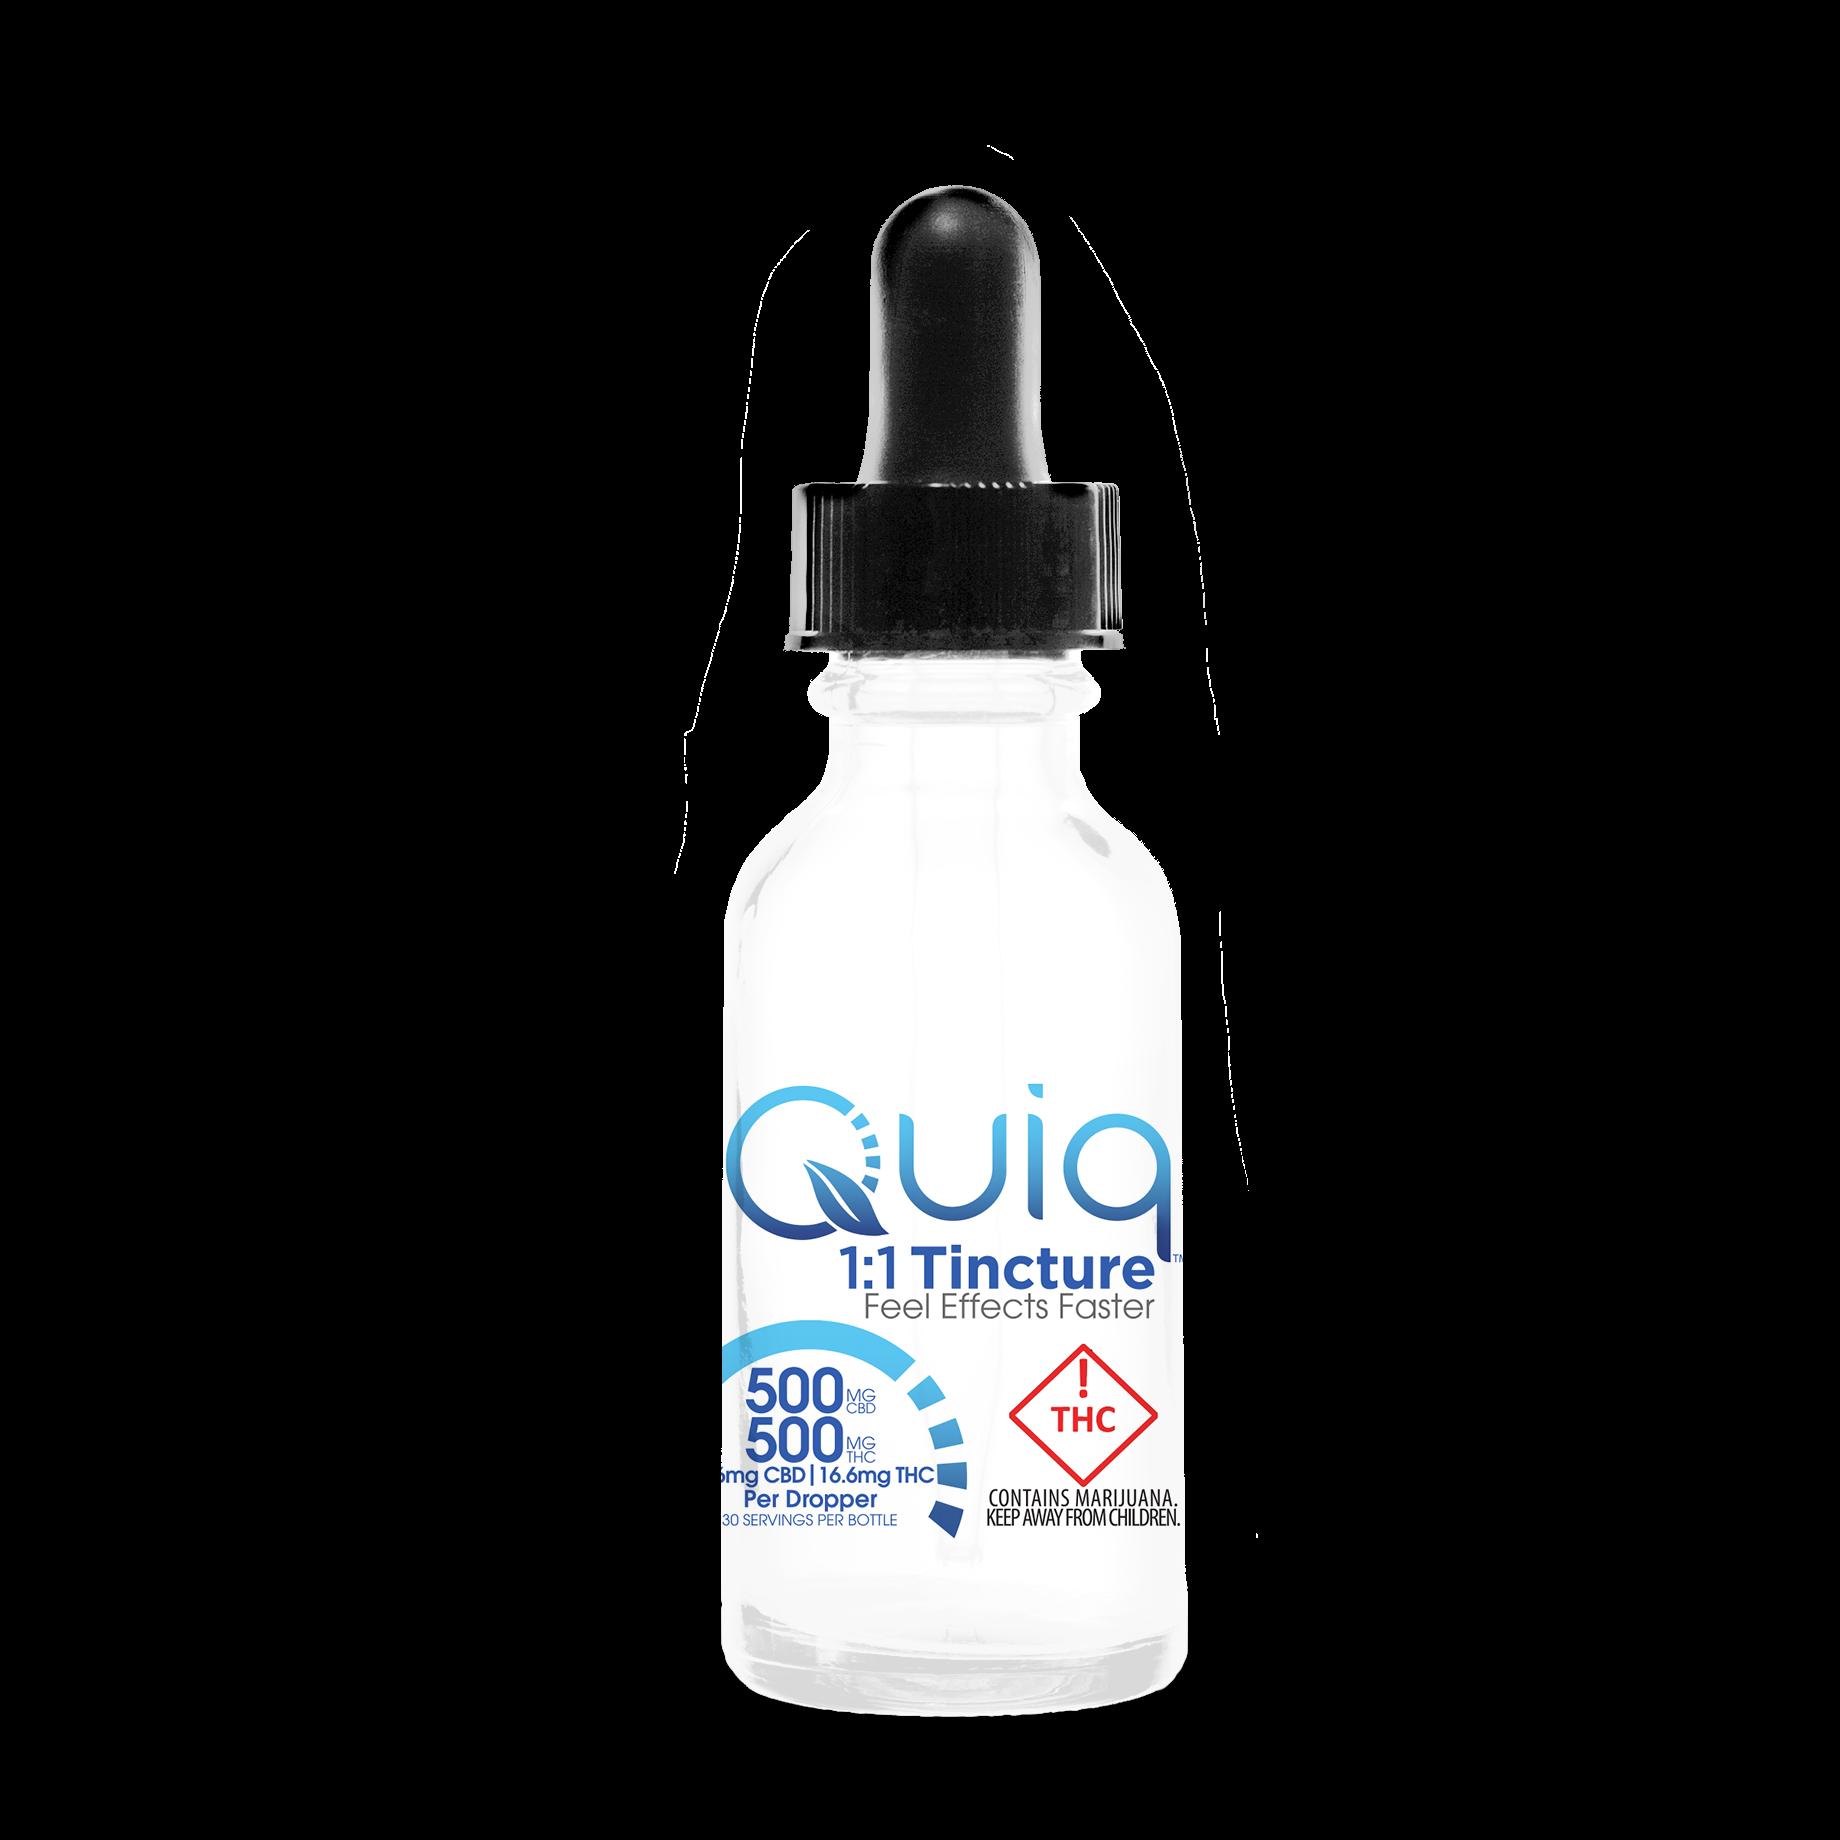 QUIQMED-Tincture-500C500T-RENDERING